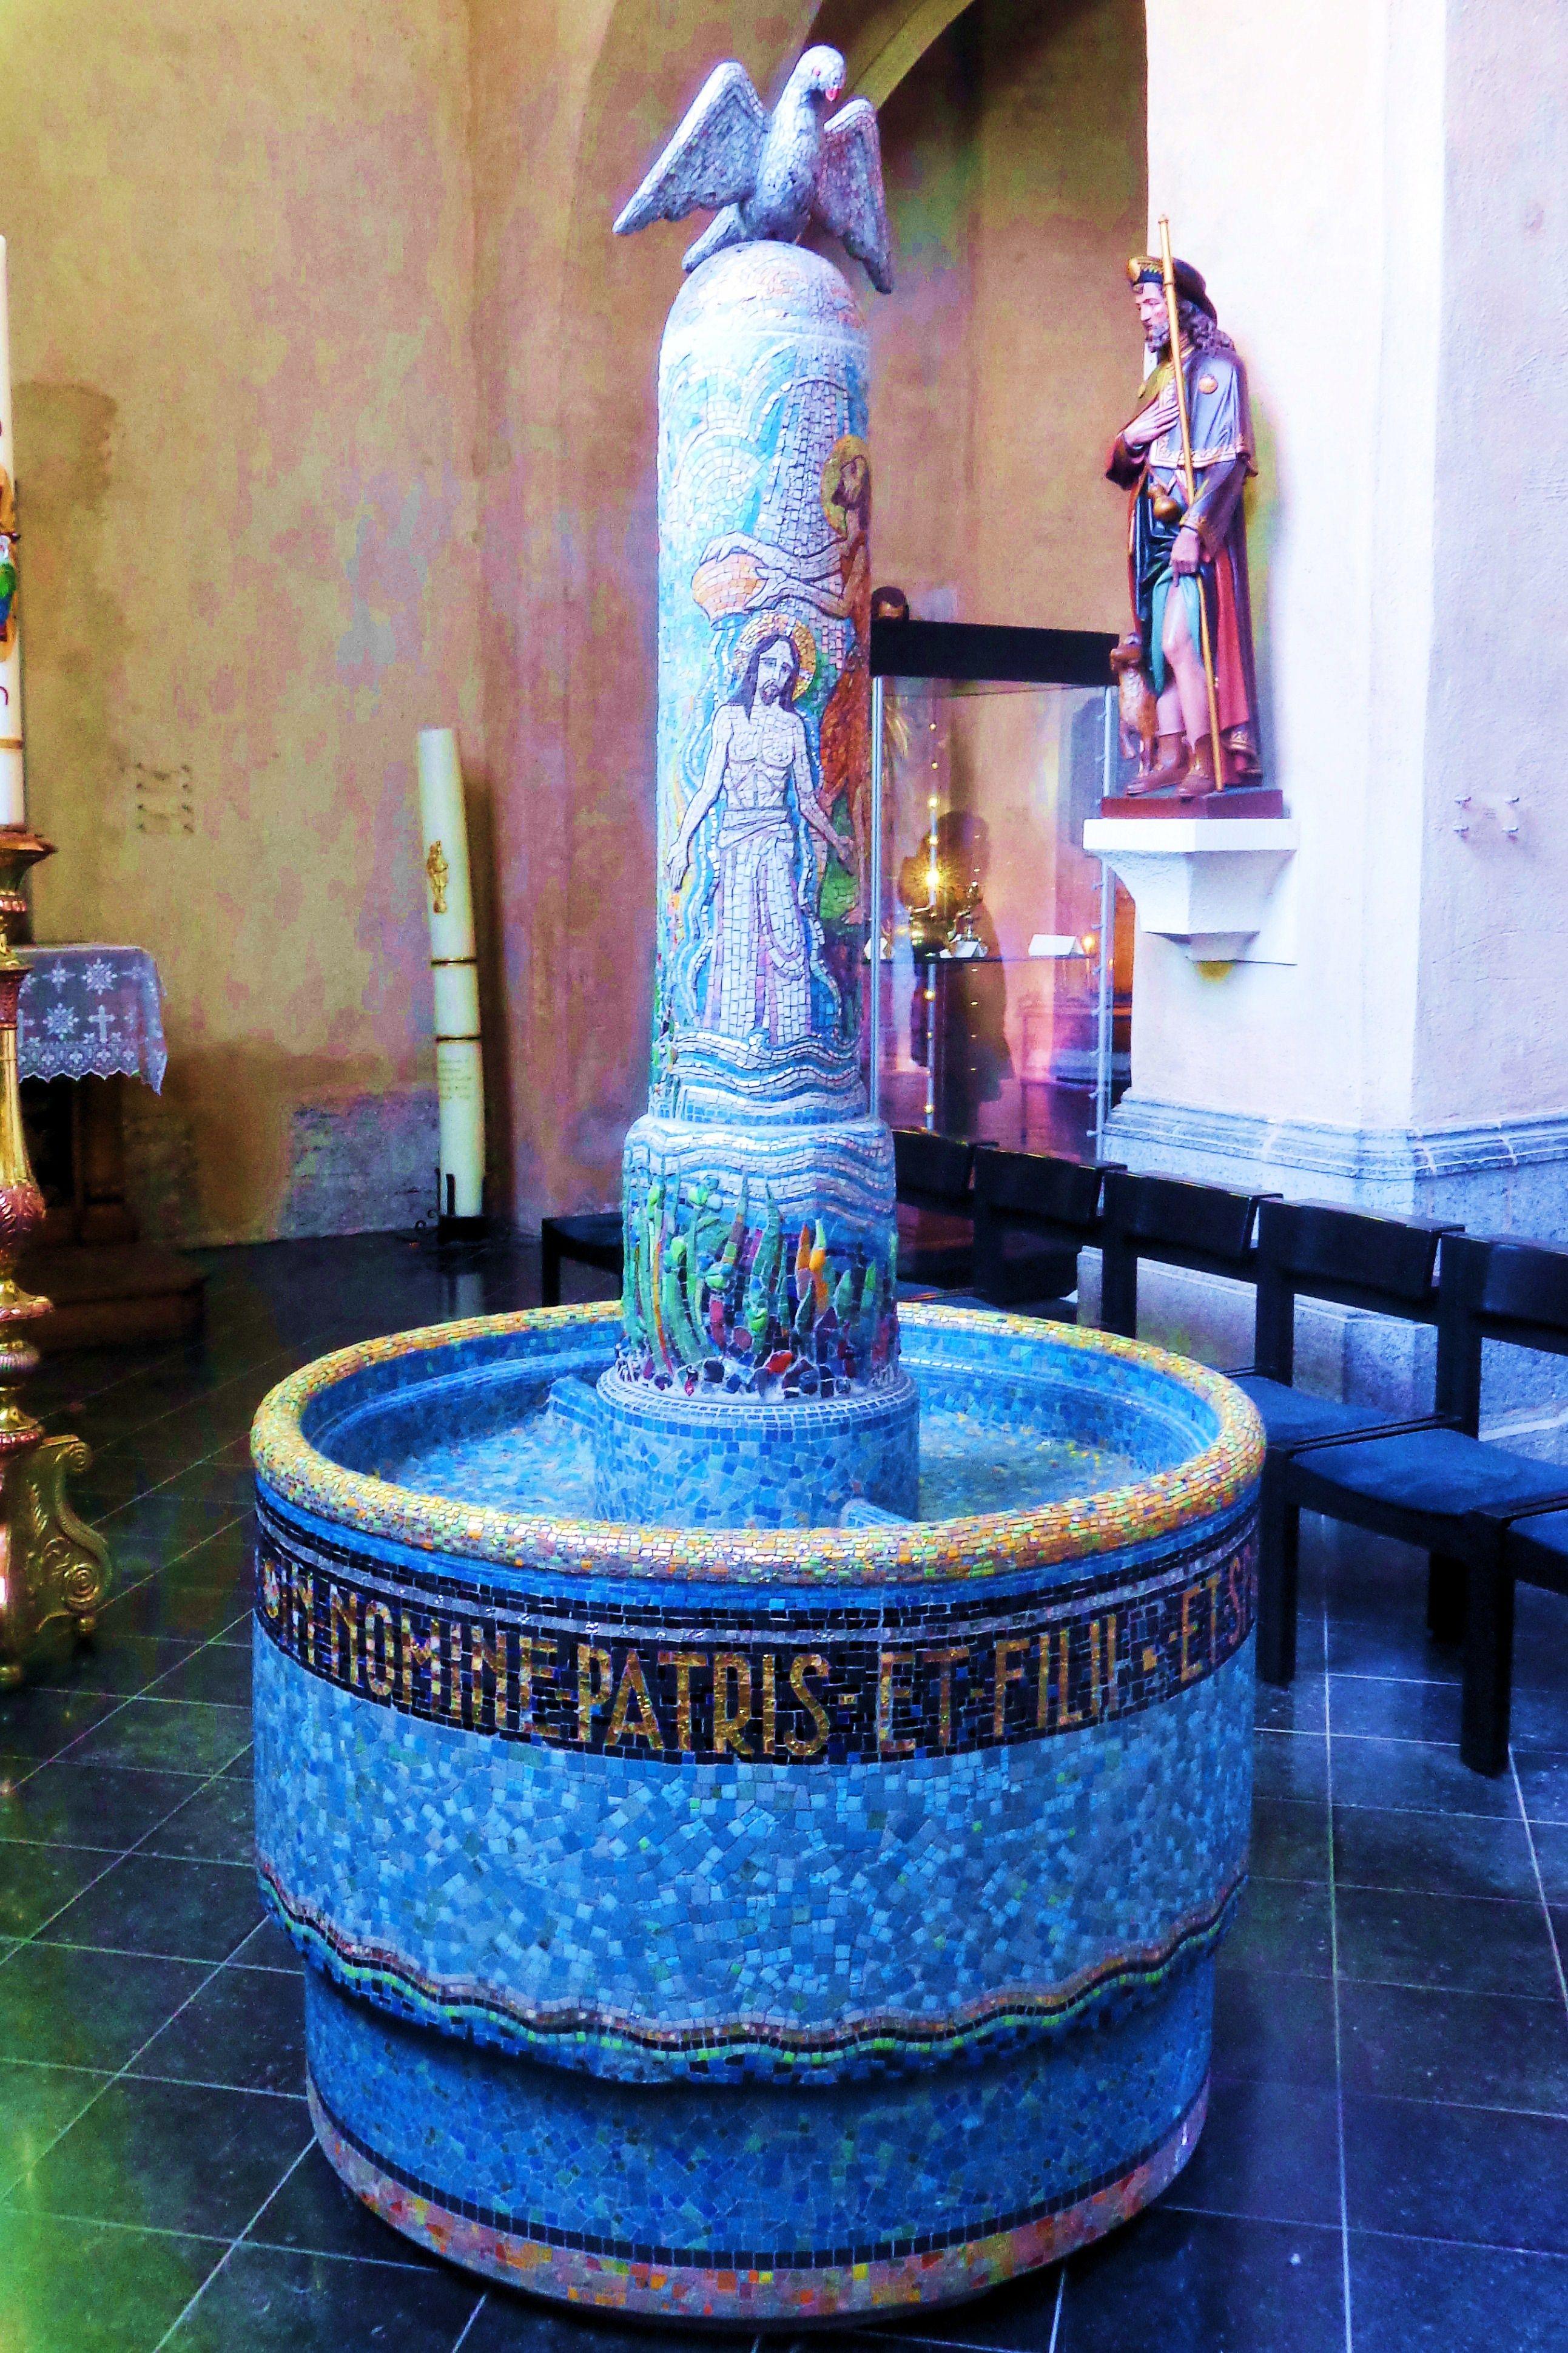 Deze doopvont werd in 1941 door Antoon Molenboer gemaakt van Venetiaanse mozaïeksteentjes. De doopvont was oorspronkelijk bedoeld voor de Heilige Geestkerk in Parijs, maar deze kerk werd in de loop van de Tweede Wereldoorlog verwoest. Op de kolom de Heilige Geest als duif en een afbeelding van de doop van Christus door Johannes de Doper.